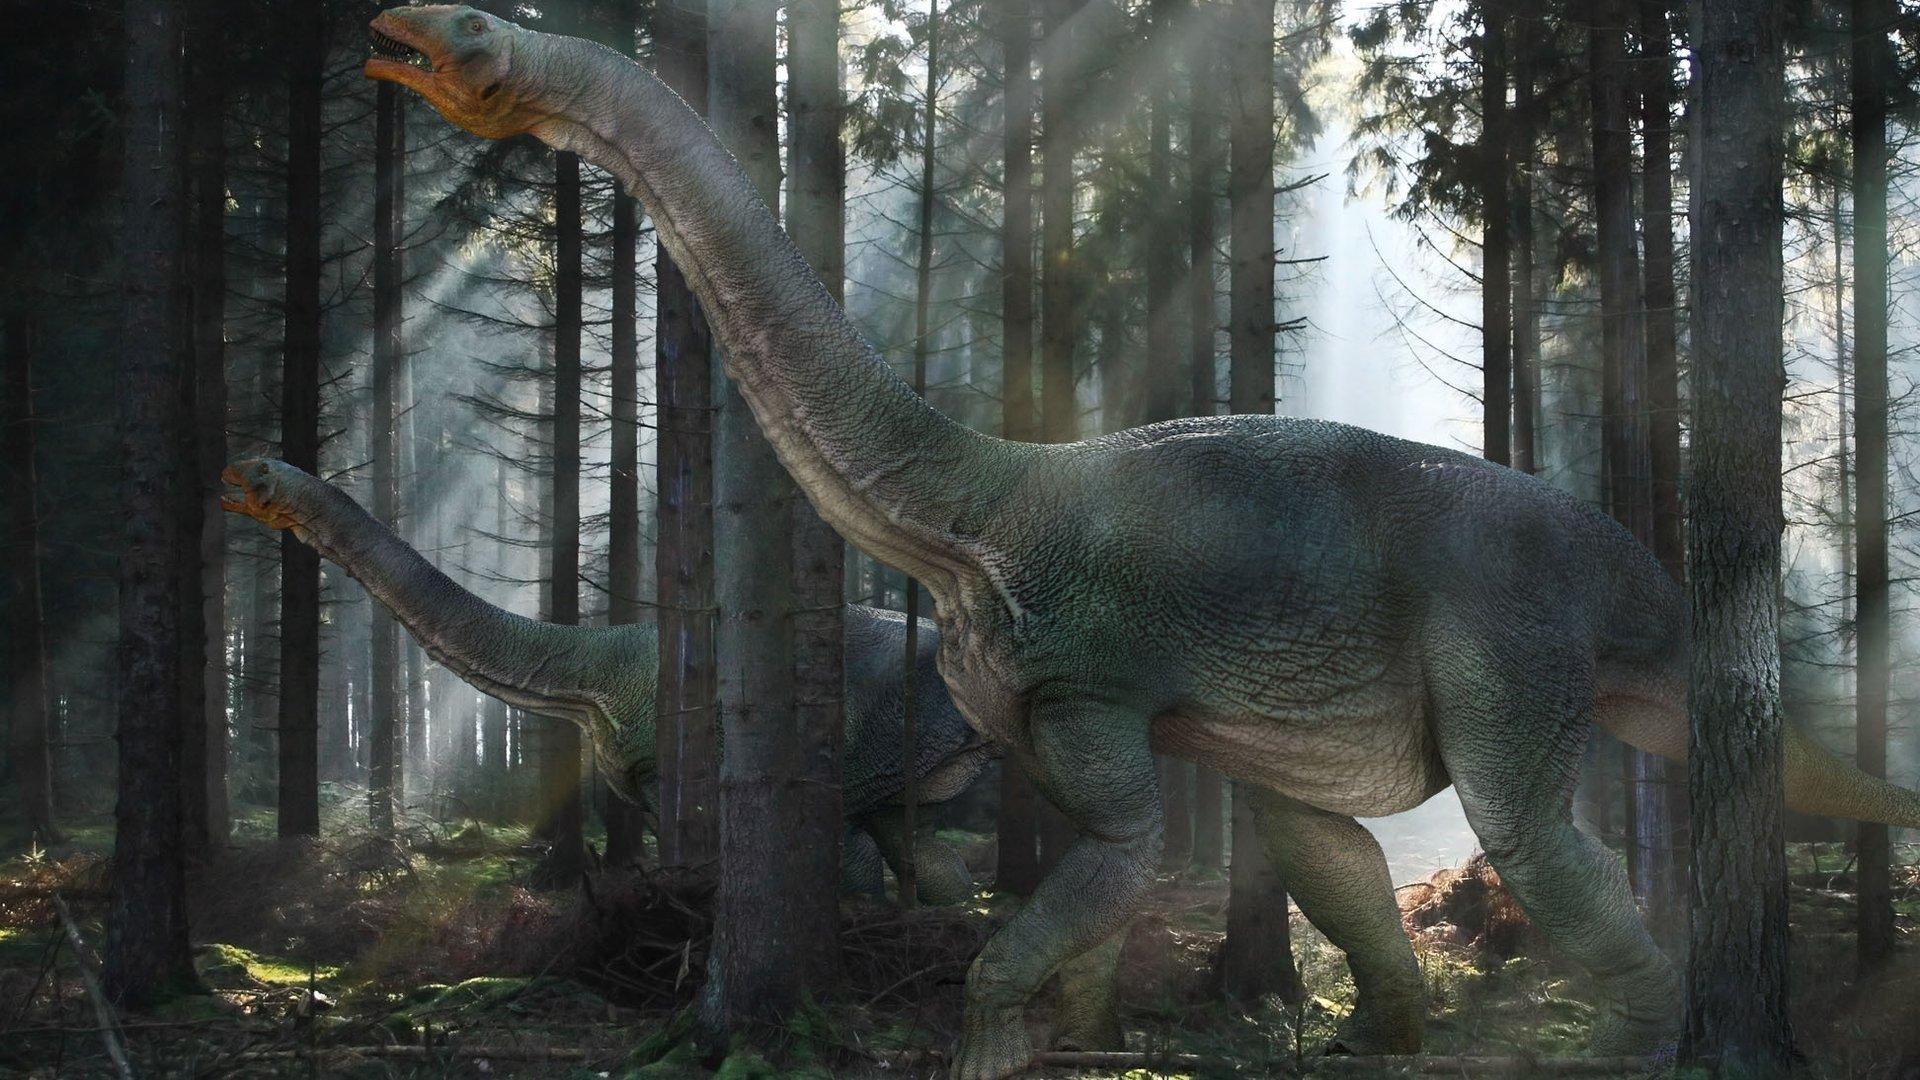 Образовательная программа «Время гигантов: когда динозавры правили Землей»